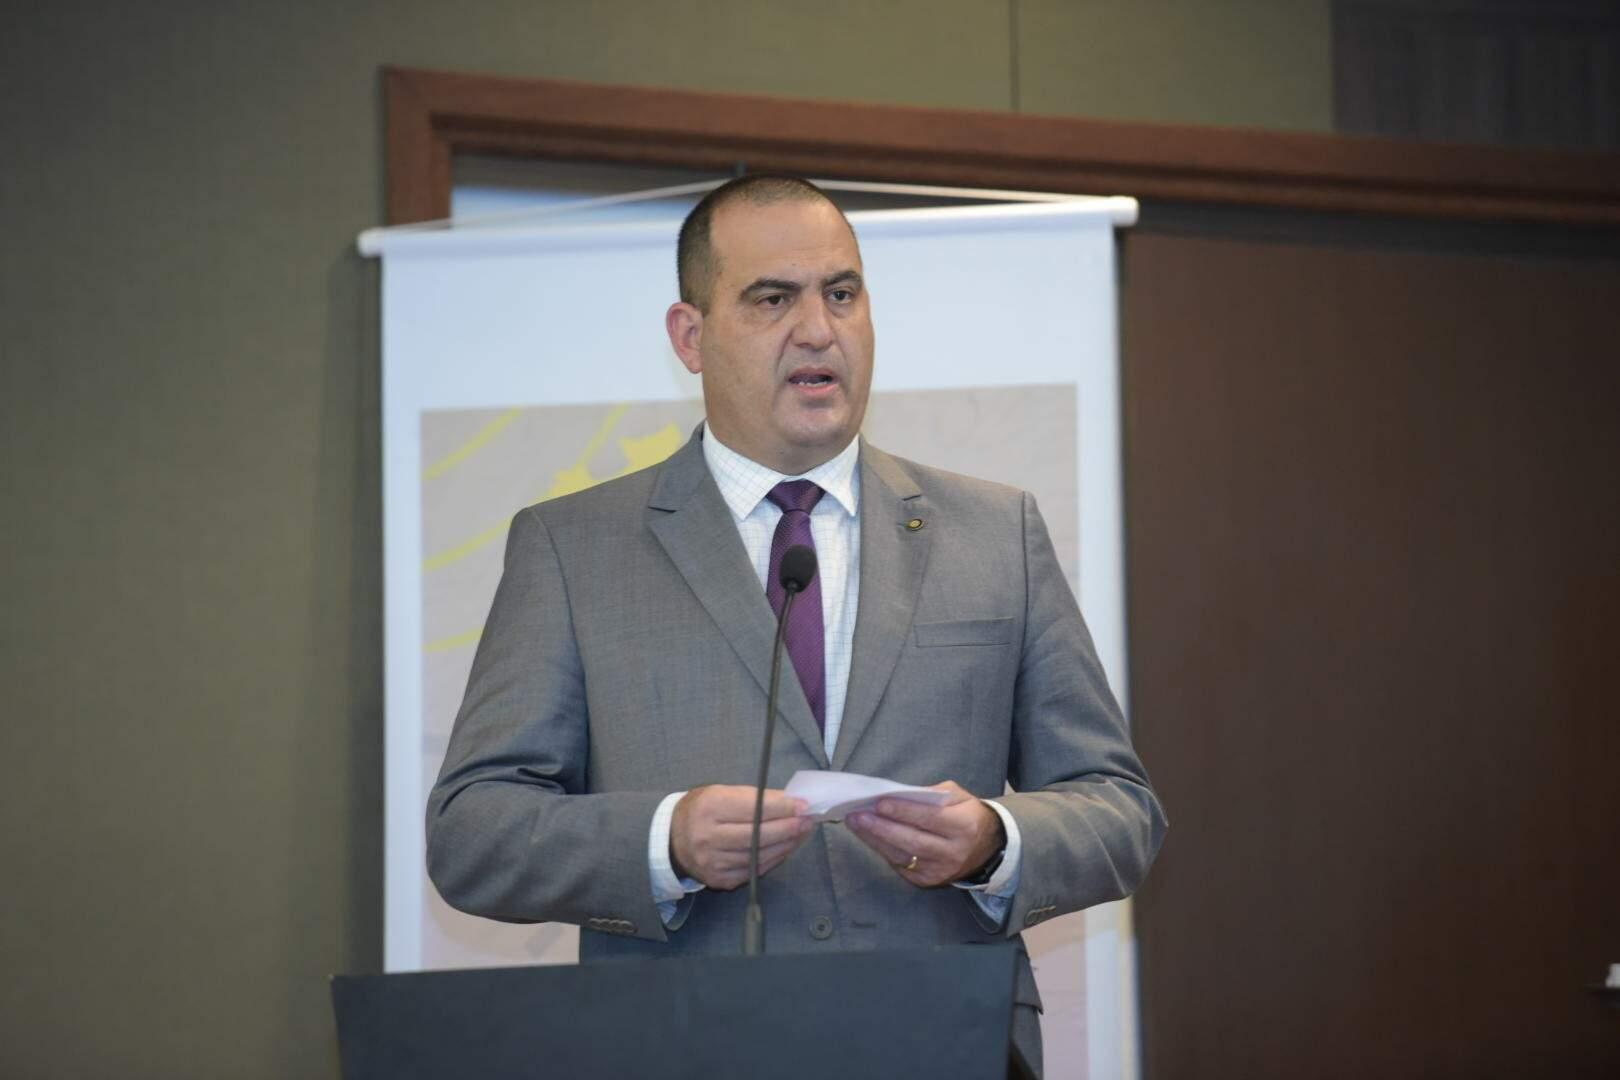 Secretário nacional de Segurança Pública, Carlos Renato Machado Paim, em evento no ano passado(Foto: Diego Gurgel/Secom)